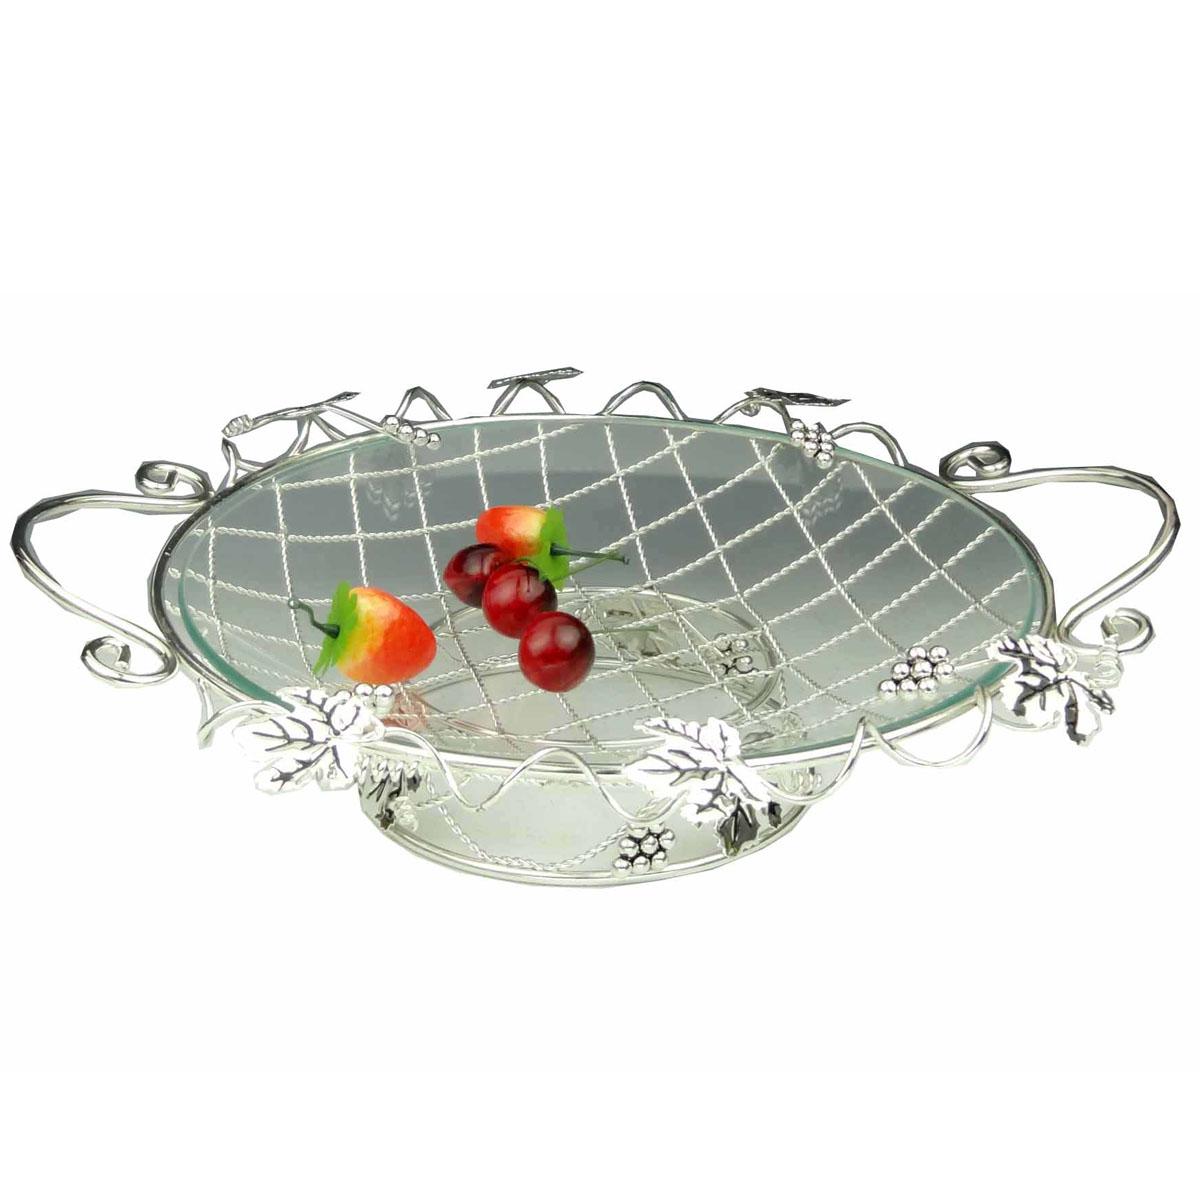 Ваза универсальная Marquis, диаметр 35 см7013-MRУниверсальная ваза Marquis выполнена из стали с серебряно-никелевым покрытием и снабжена съемным круглым поддоном из прочного стекла. Стальная ножка обеспечивает устойчивость вазы. Ваза выполнена в виде плетеной стальной решетки, украшенной листьями и гроздьями винограда. По бокам имеются удобные ручки. Посуда может использоваться как фруктовница. Выполненная под старину, такая ваза придется по вкусу и ценителям классики, и тем, кто предпочитает утонченность и изысканность. Сервировка праздничного стола вазой Marquis станет великолепным украшением любого торжества.